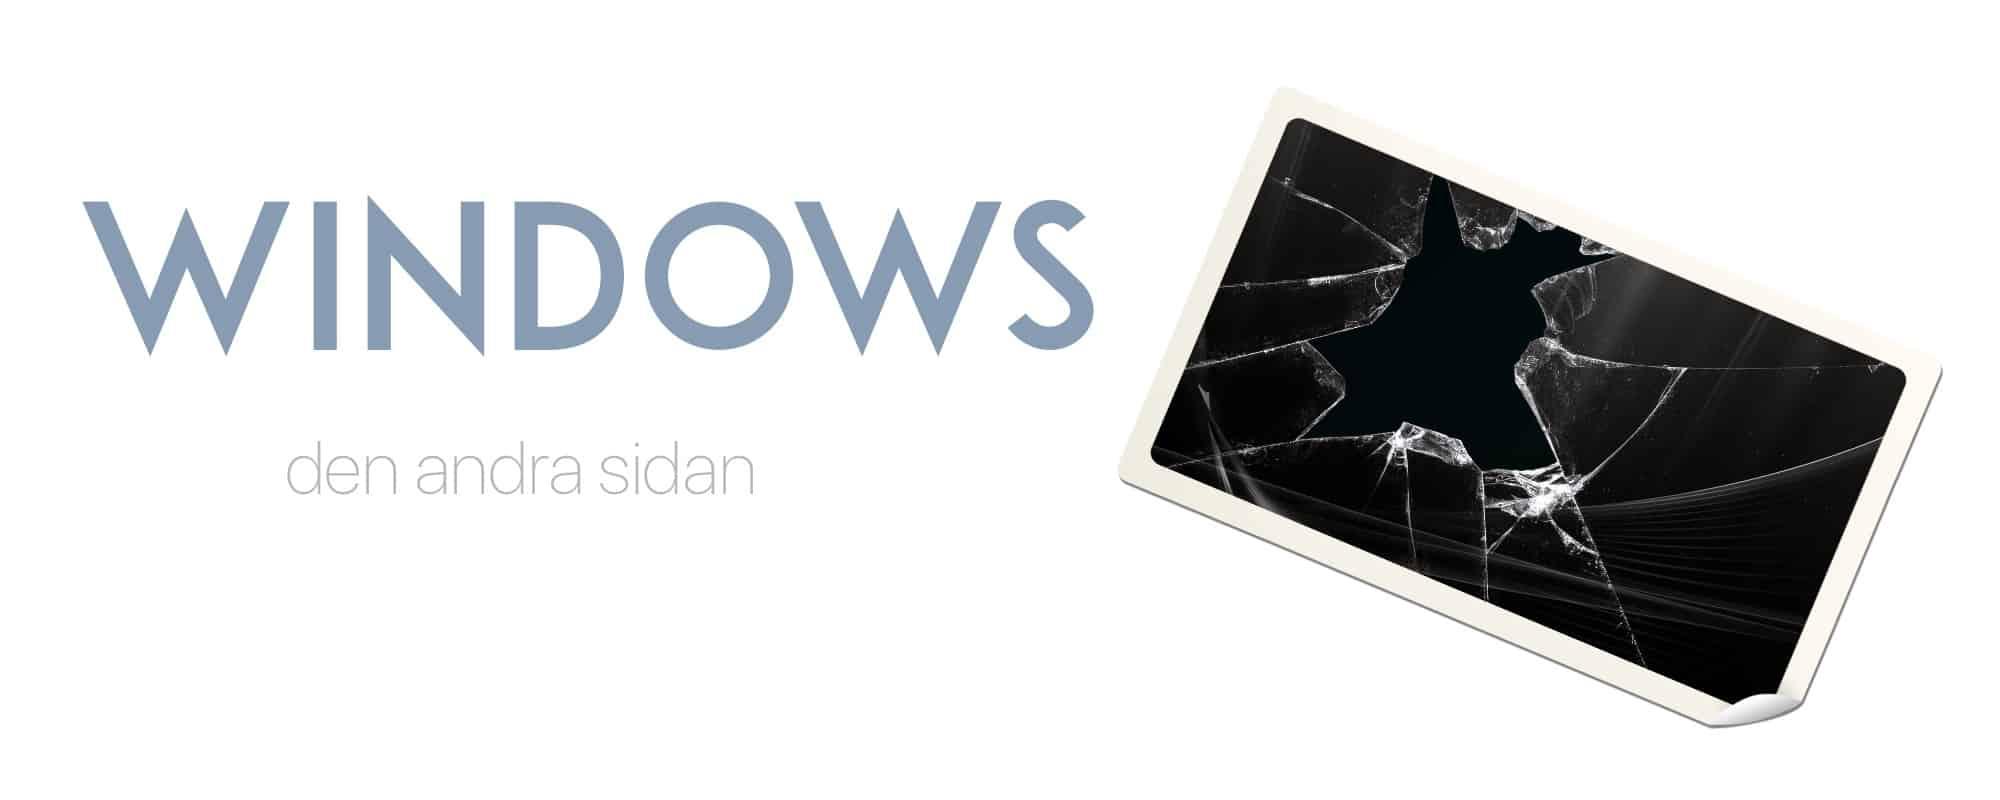 Microsoft varnar för prestandasänkning för Windows-datorer